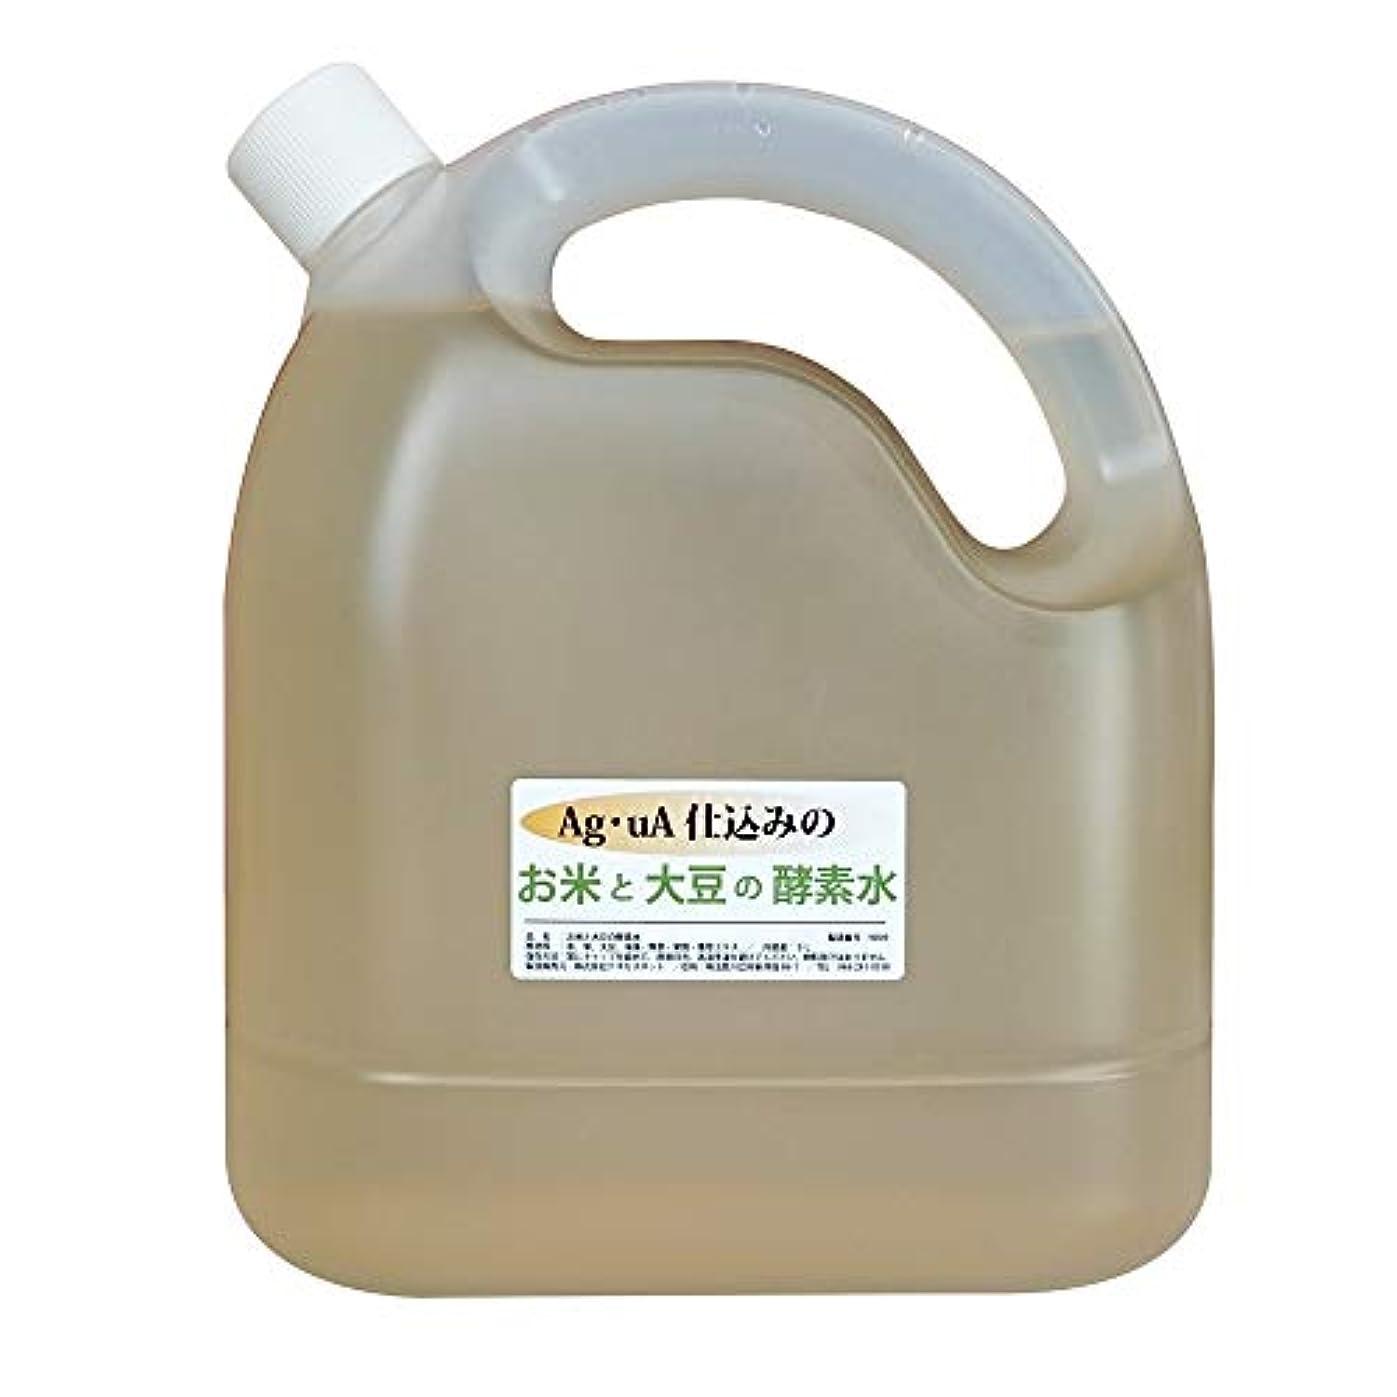 現実桃フェローシップテネモス アグア仕込みのお米と大豆の酵素水 5リットル